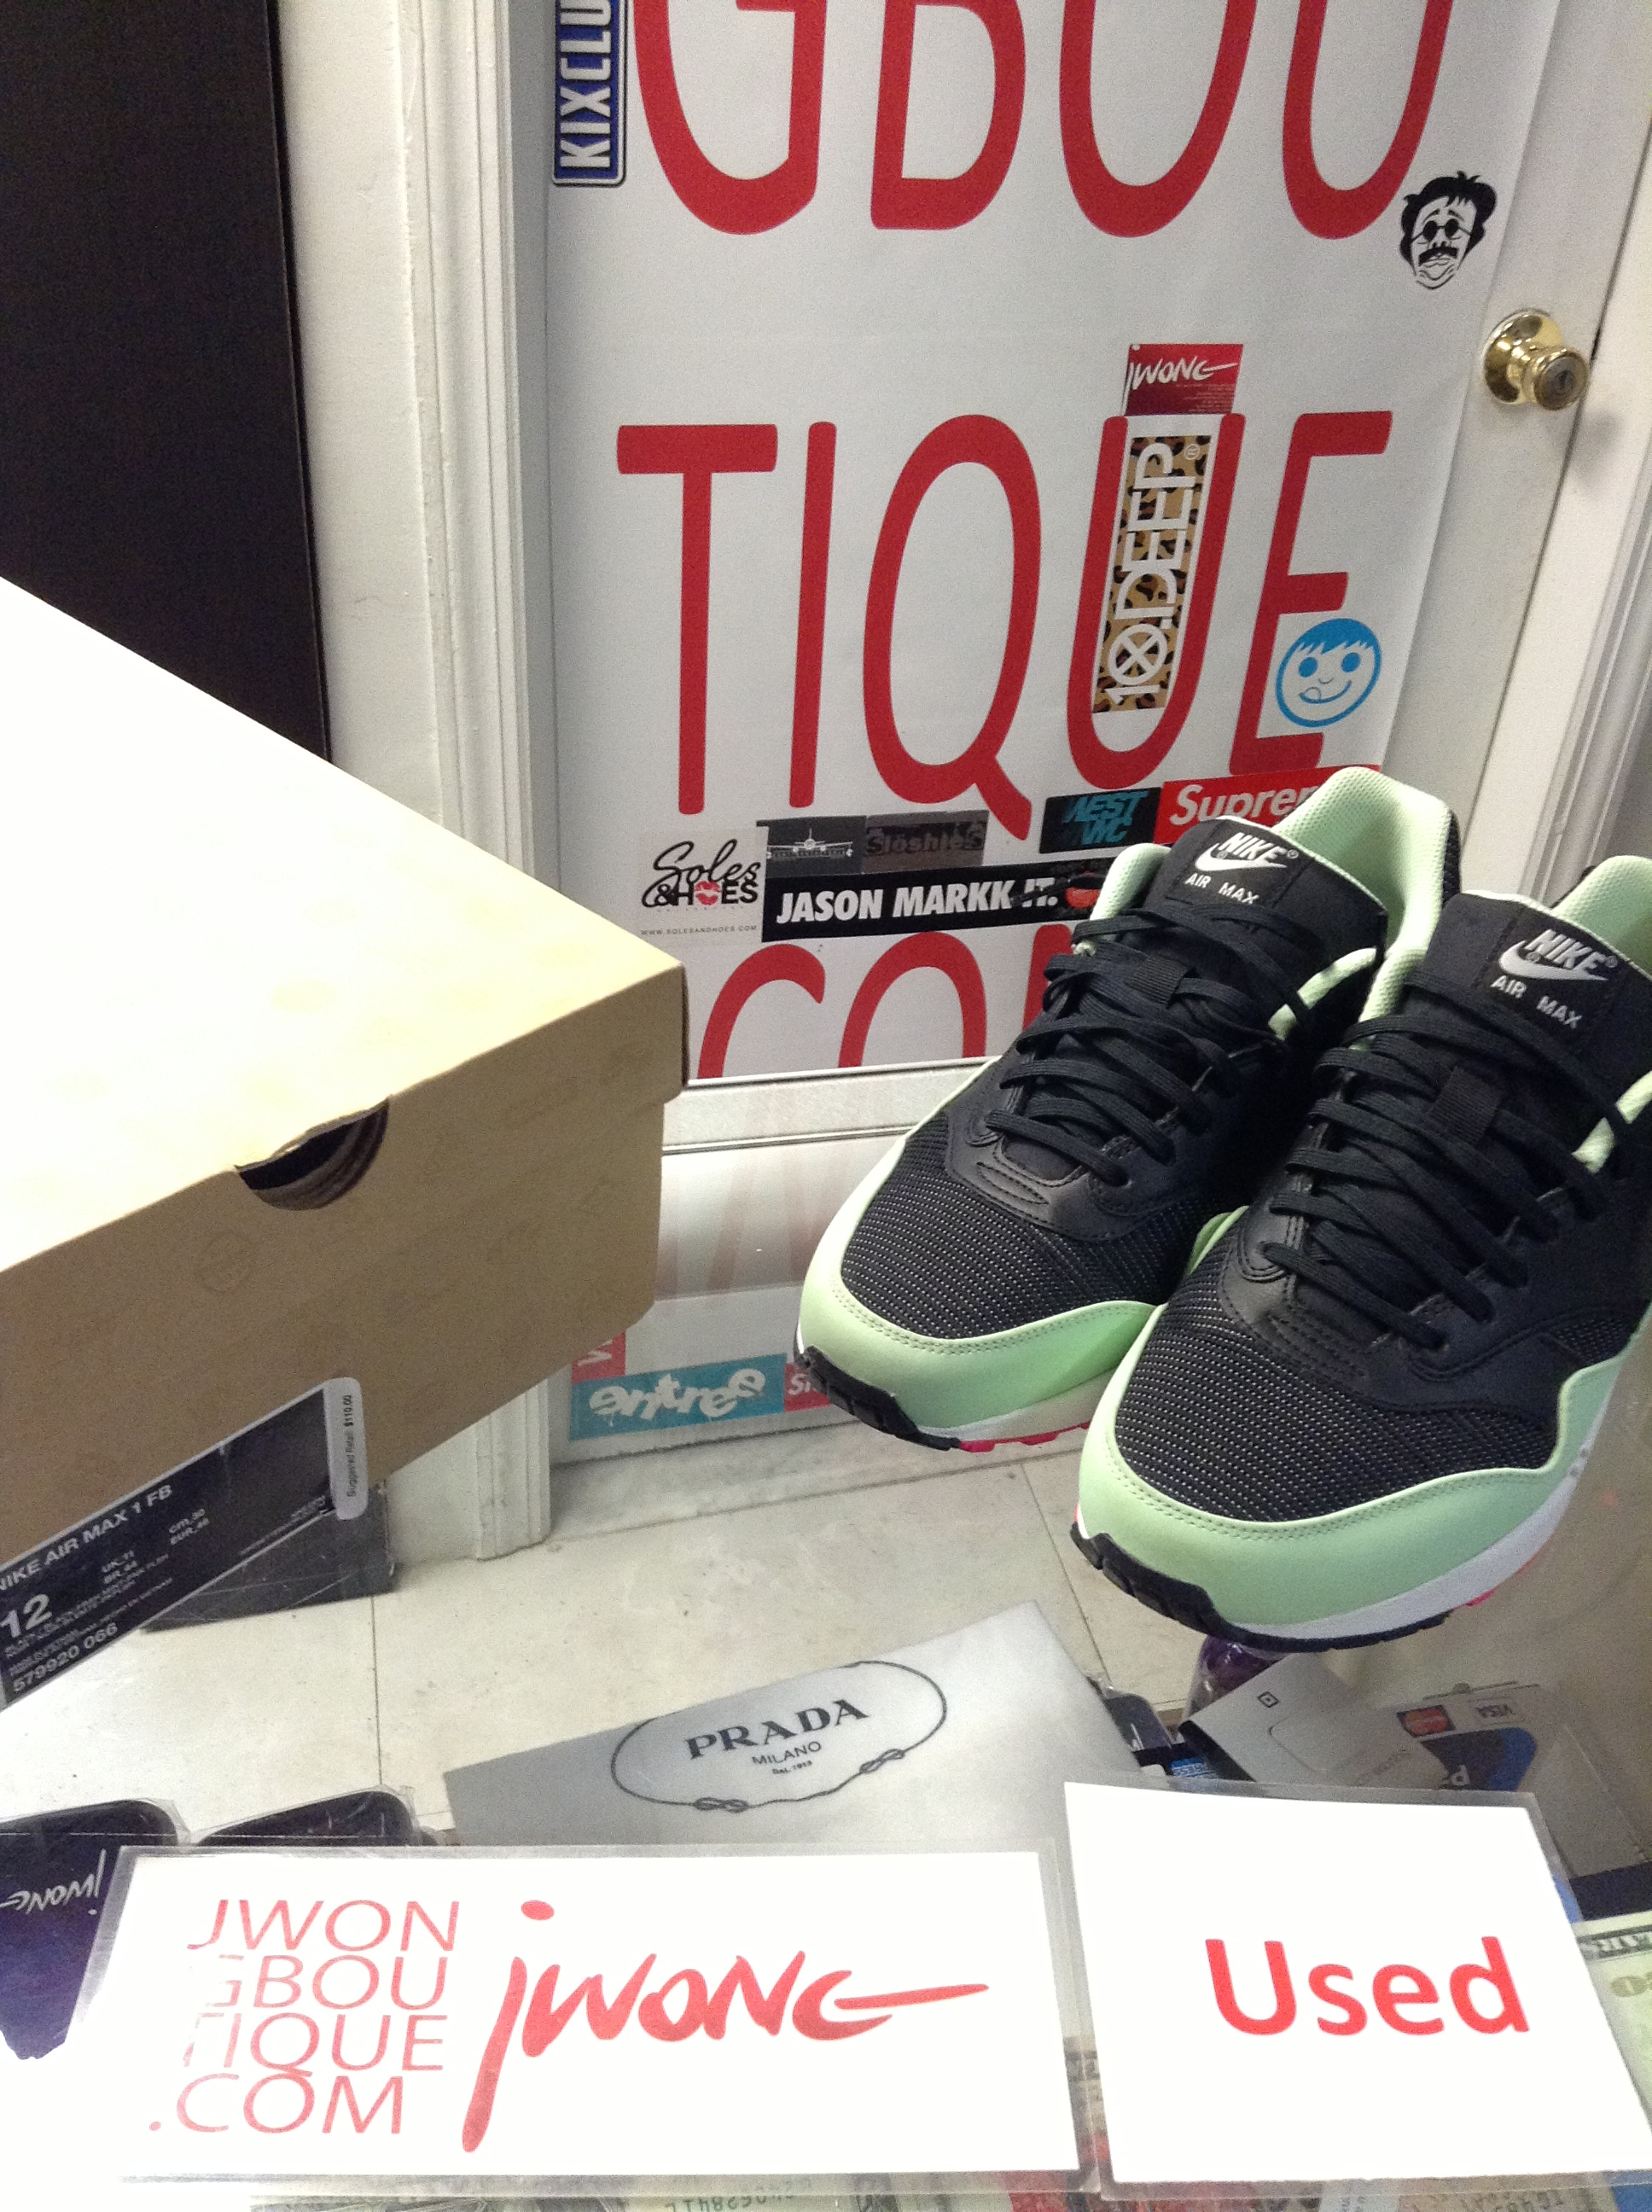 ceca6dea33378 2013 Nike Air Max 1 FB Yeezy